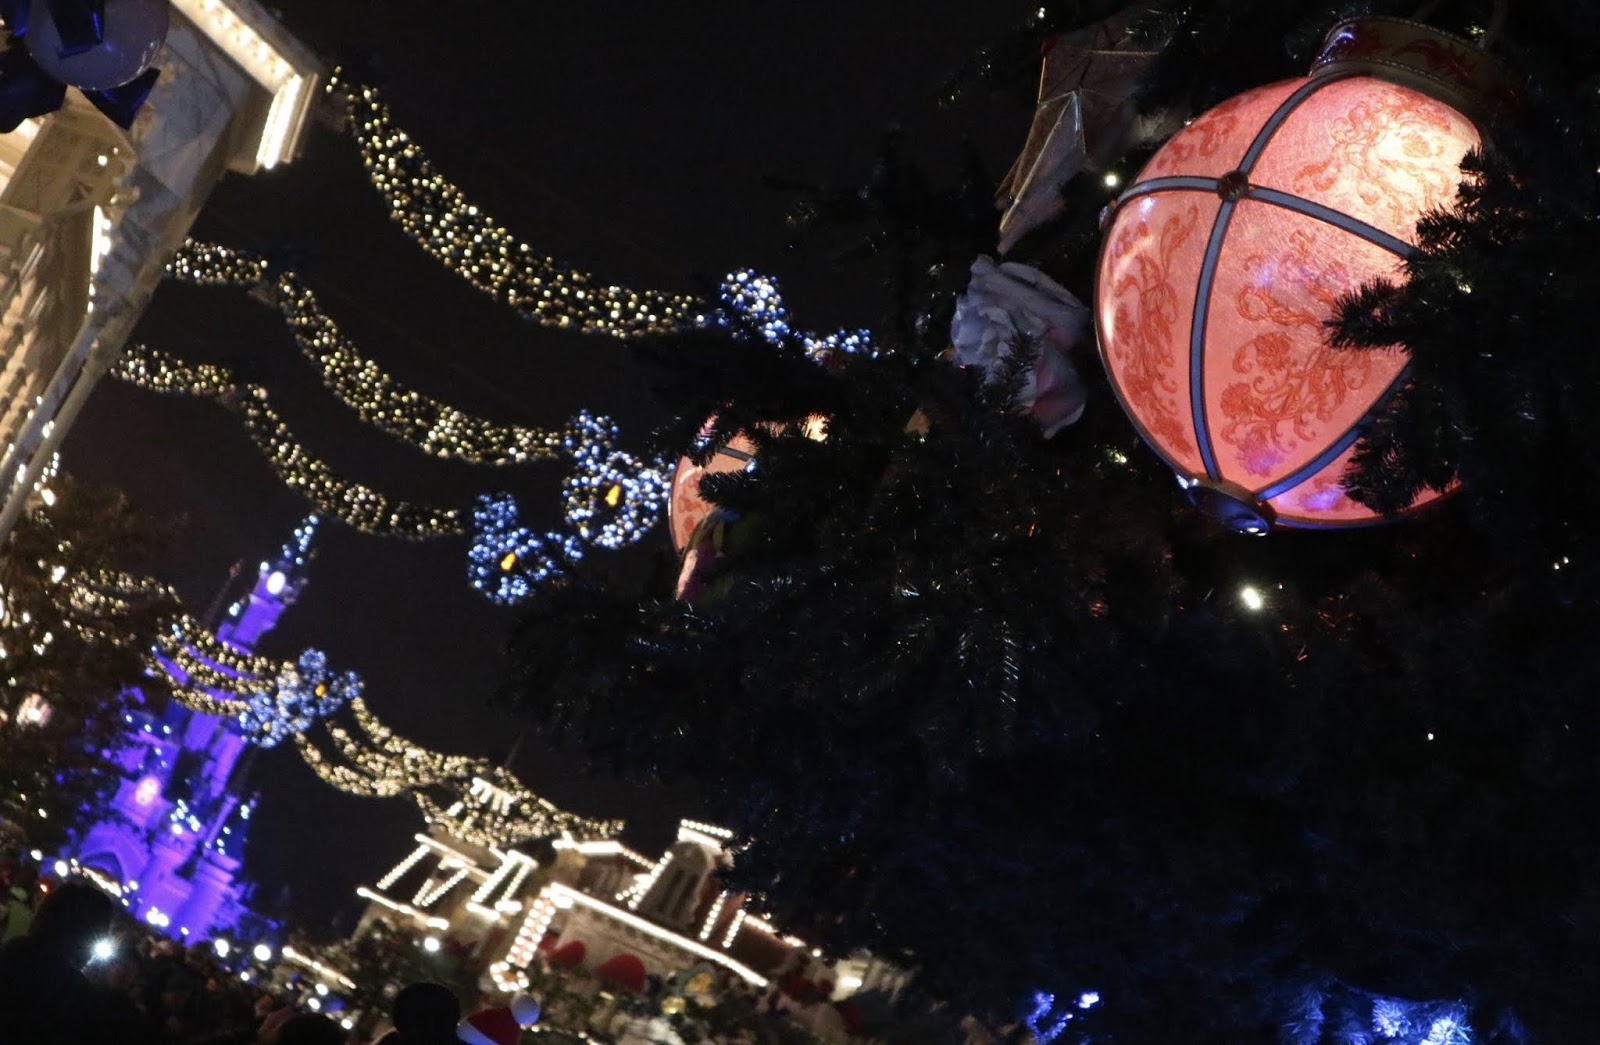 Image Christmas Disneyland Paris 2018 Main Street